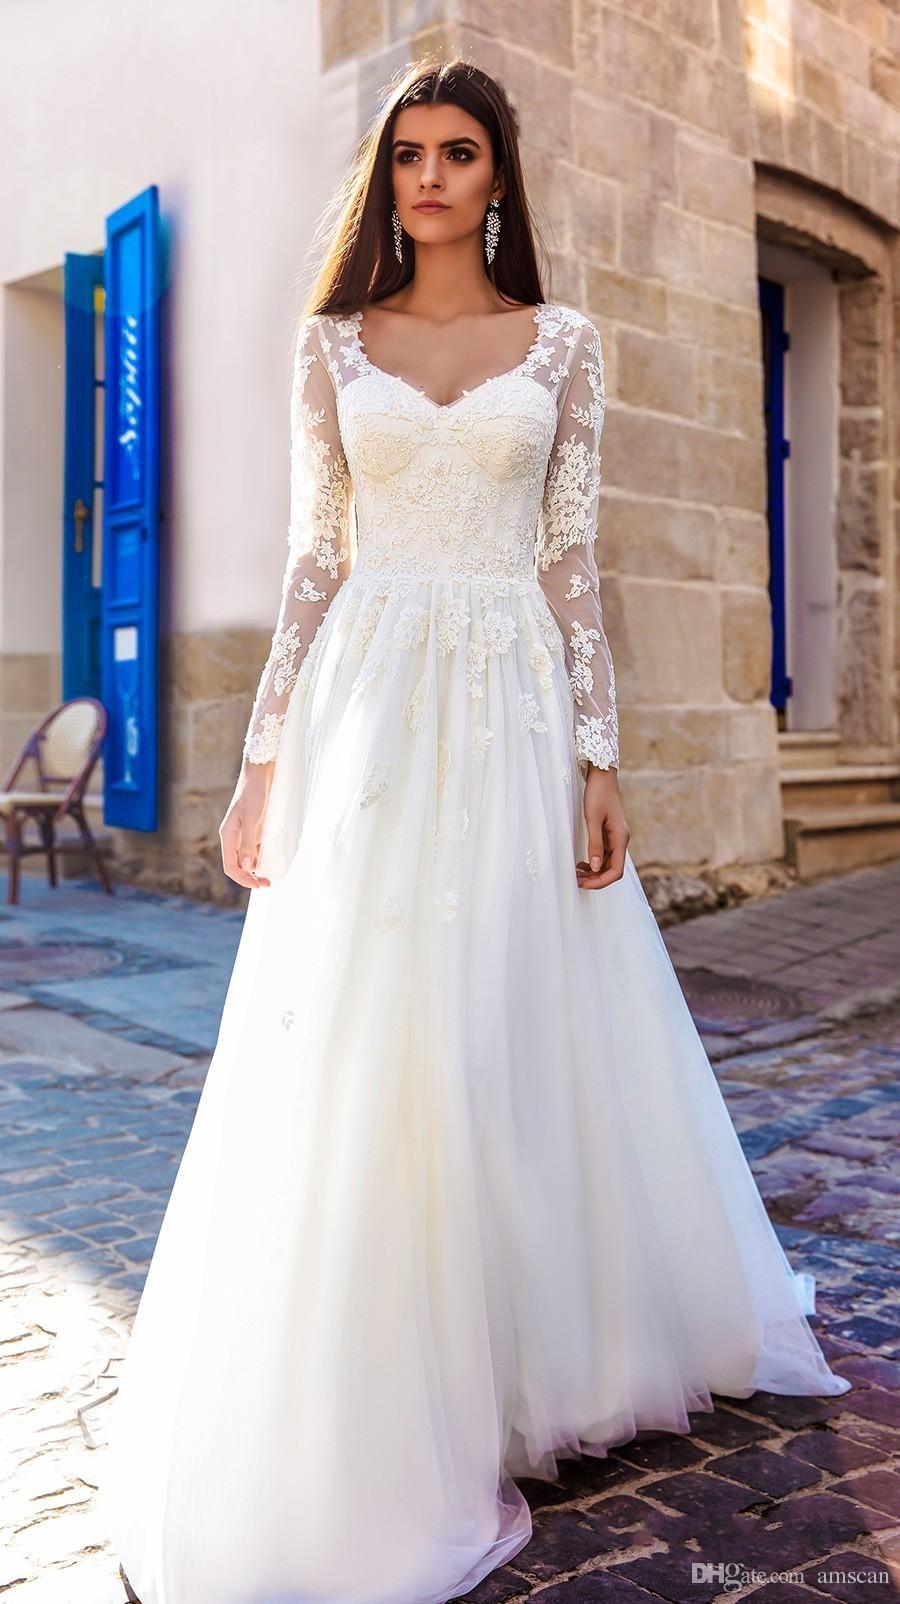 0dfc44f54a 2018 A Line Long Sleeves V Neck Lace Tulle Wedding Gowns Simple Elegant  Appliques Wedding Dresses Plus Size Vestios De Novia Long Sleeves Wedding  Dress Lace ...